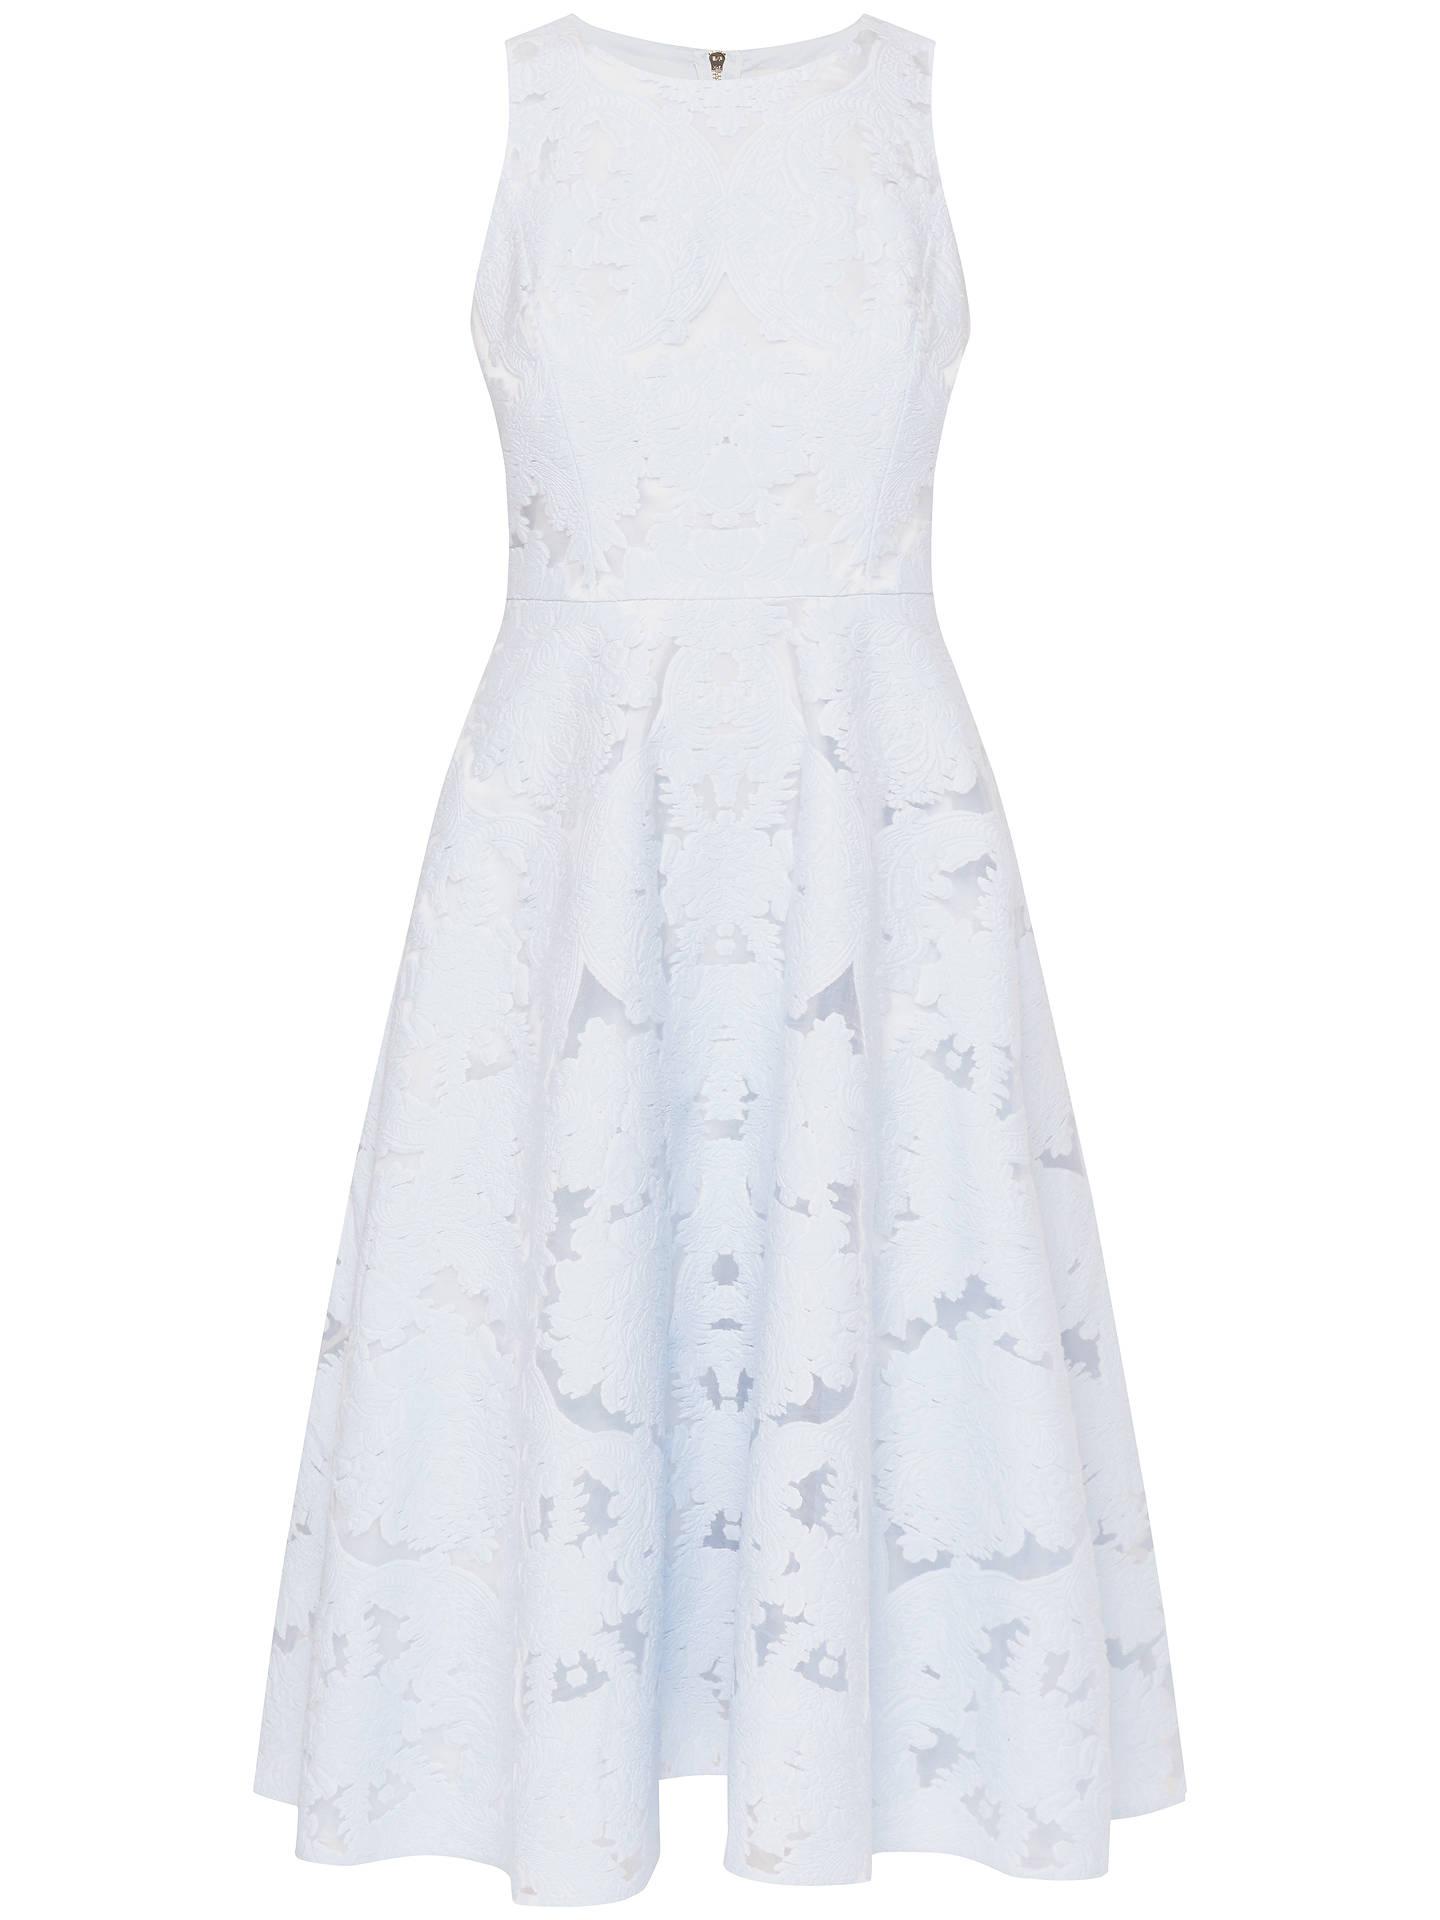 8683e1acd9ba4f Ted Baker Roshi Burnout Jacquard Midi Dress at John Lewis   Partners